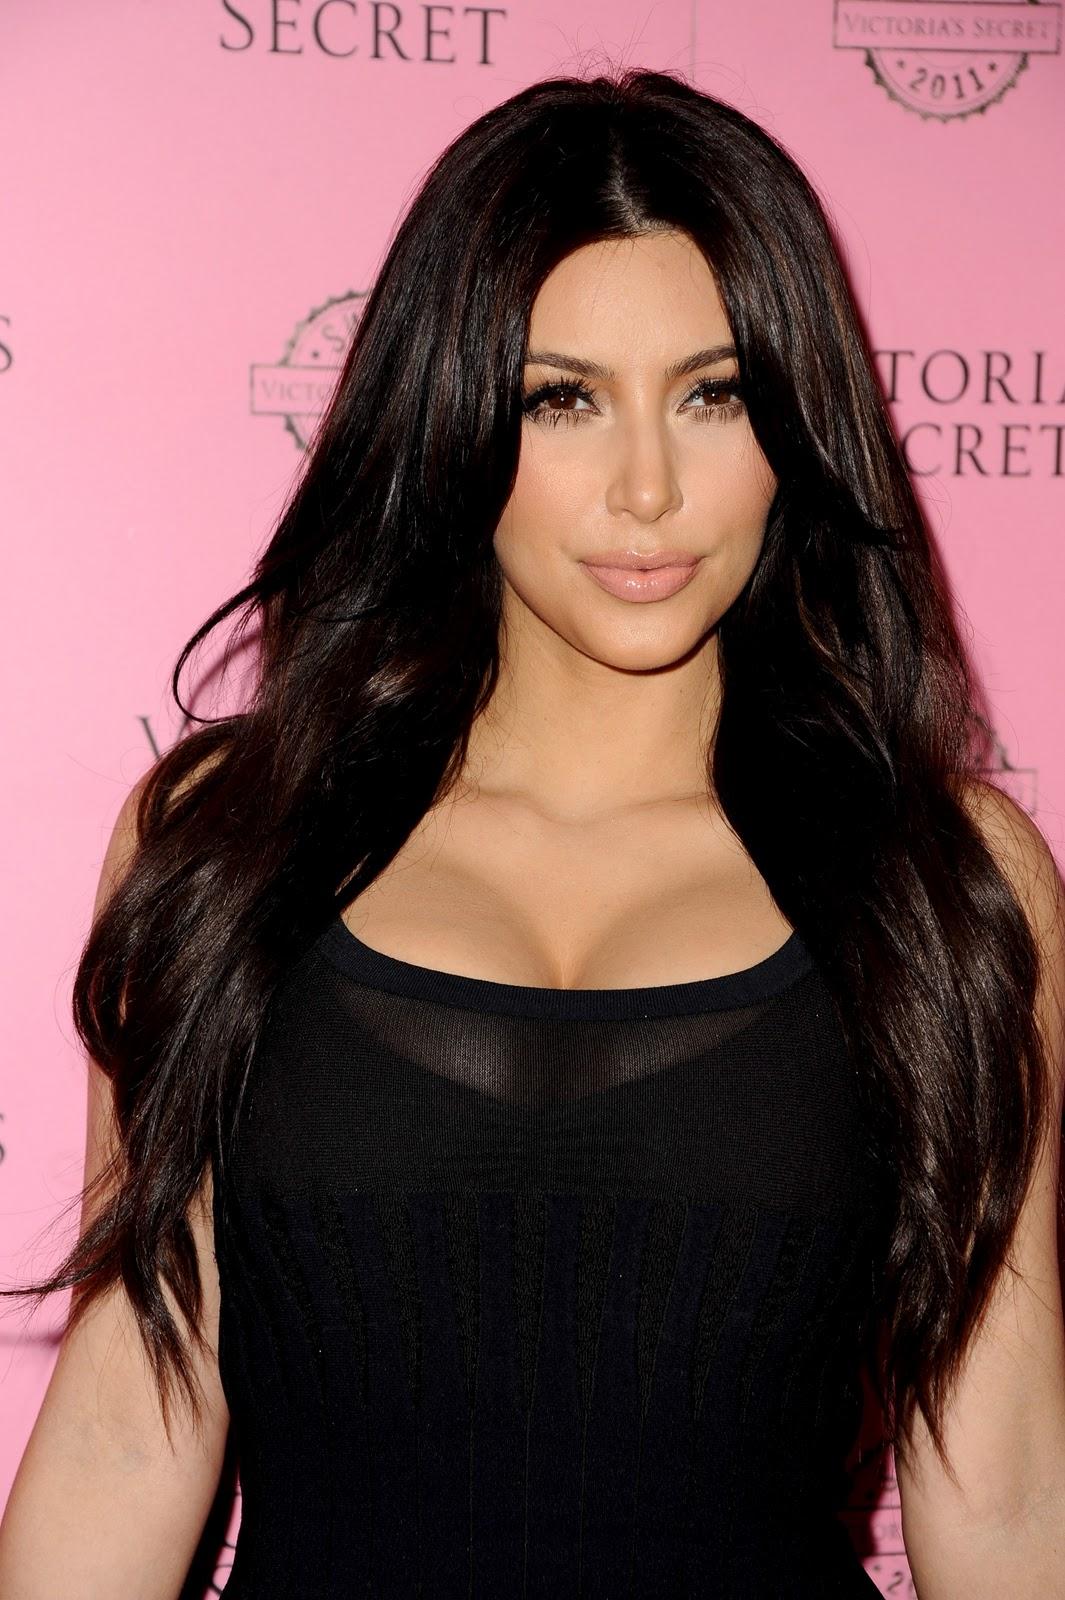 http://4.bp.blogspot.com/-p_VLeVeRJv4/TZXOjUiIJCI/AAAAAAAAAhs/ypaZyXQQJB8/s1600/Kim-Kardashian7.jpg